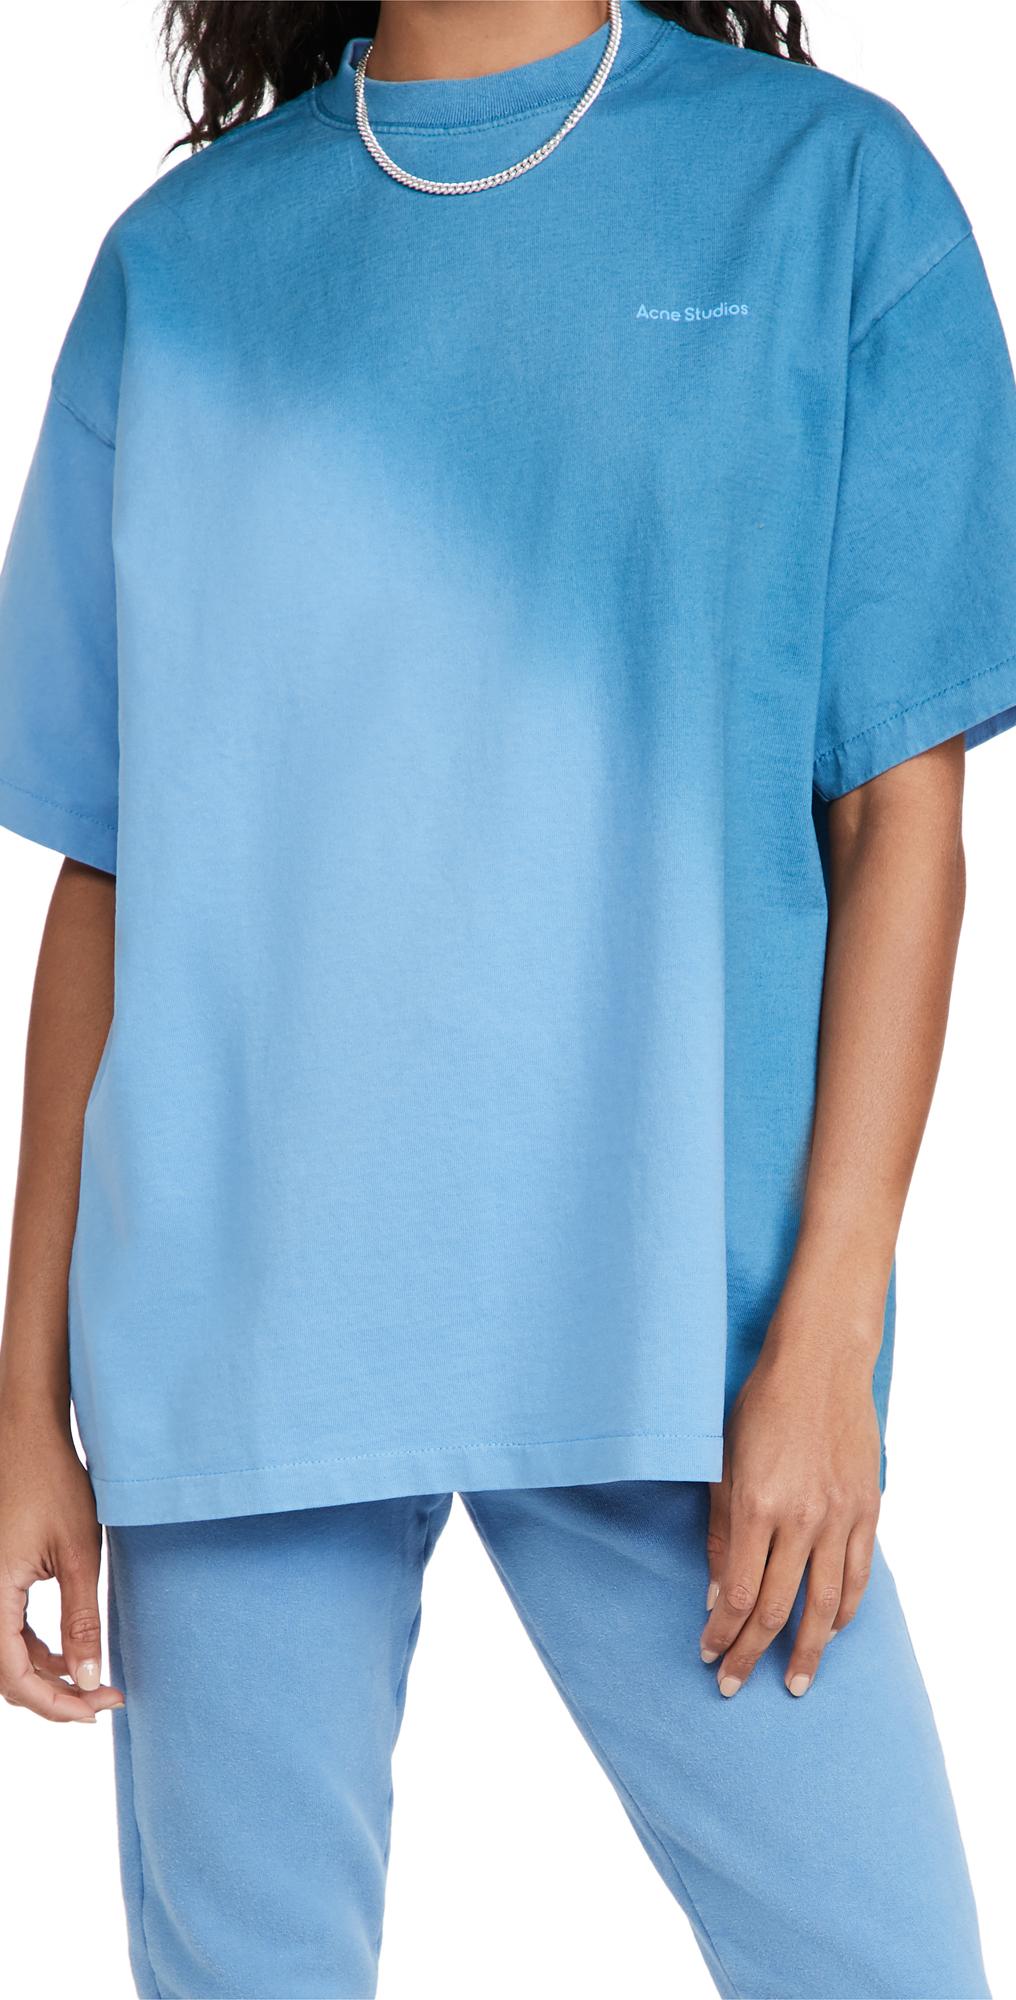 Acne Studios Ombre T-Shirt